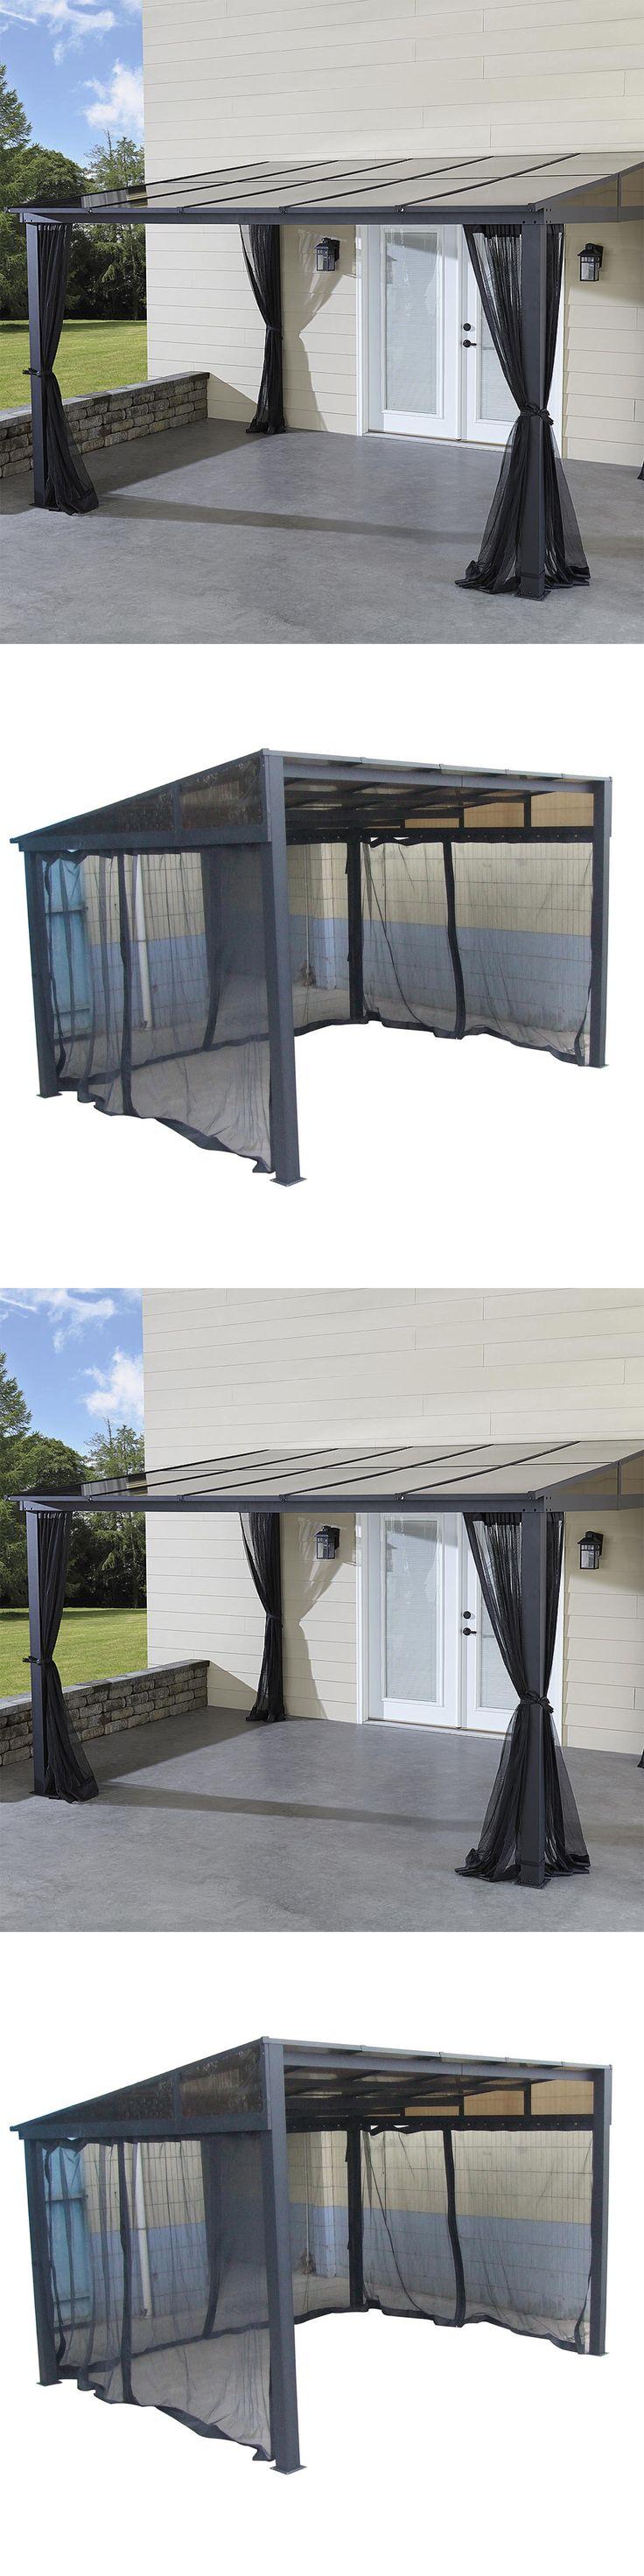 Gazebos 180995: Add-A-Room Hardtop Gazebo 10X12 Netting Resort Durable Aluminum Breezy Outdoor -> BUY IT NOW ONLY: $3606.87 on eBay!